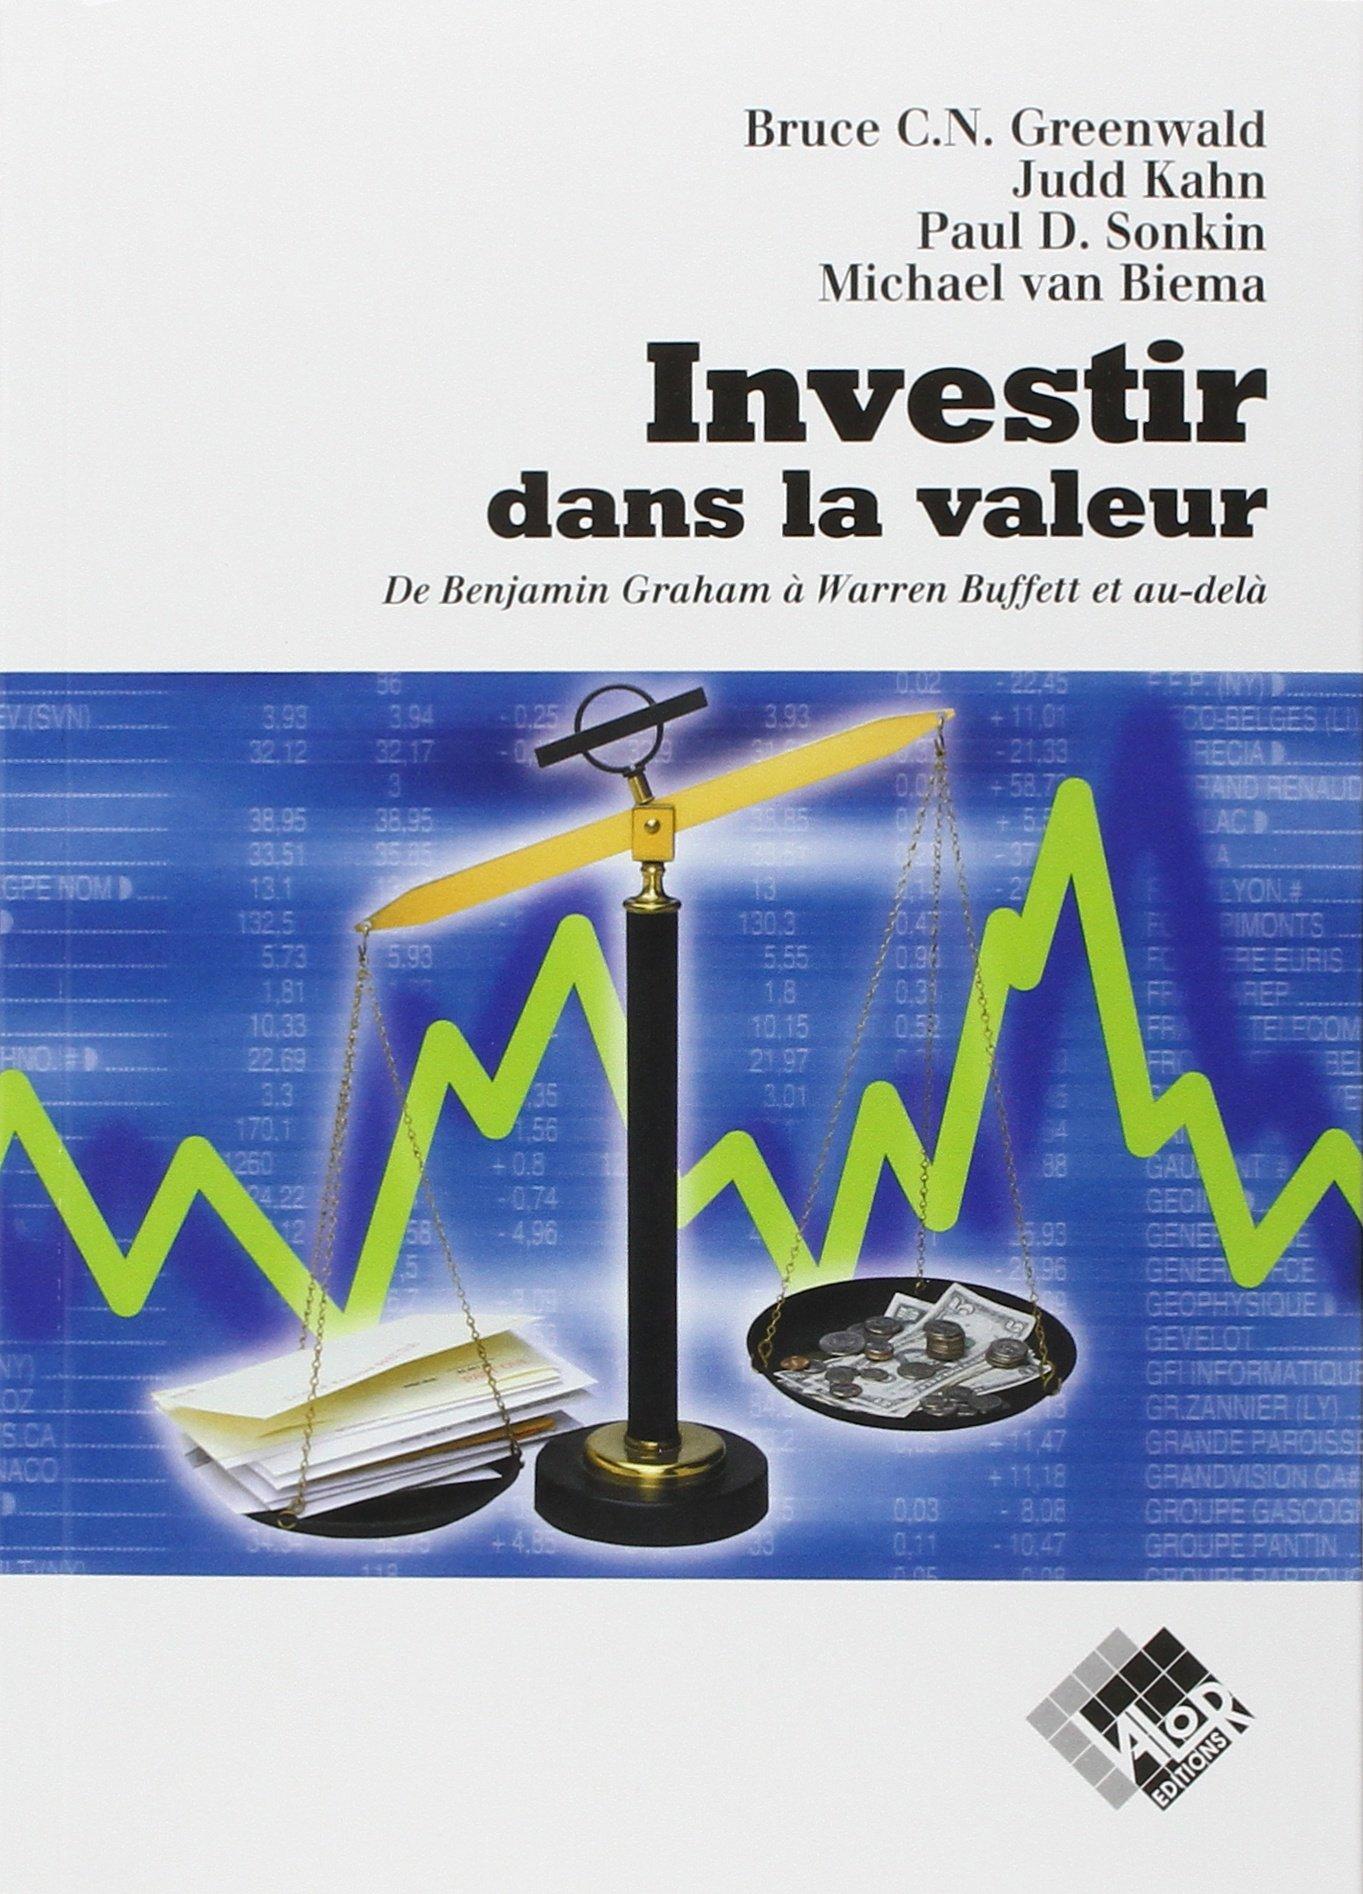 Investir dans la valeur : De Benjamin Graham à Warren Buffett et au-delà Broché – 11 septembre 2002 Collectif Valor 2909356310 Economie d'entreprise